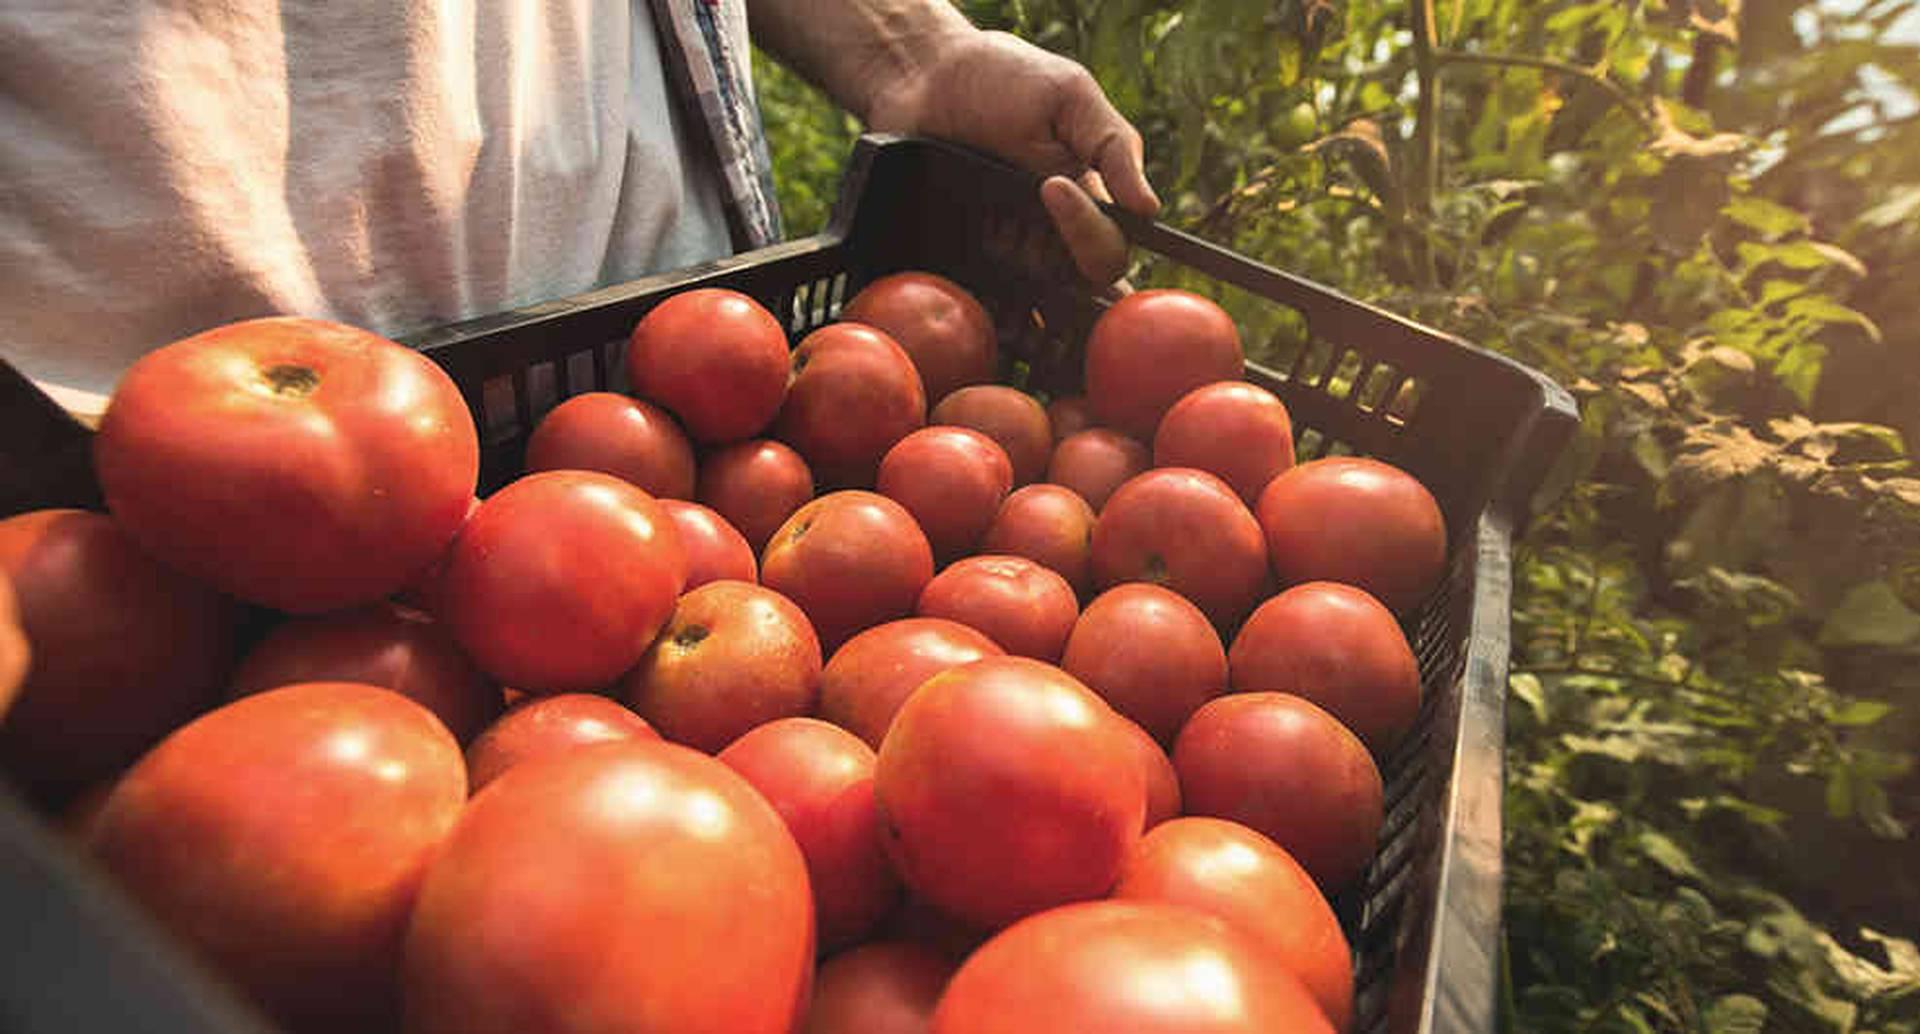 En las tierras de Santander de Quilichao y Toribío (Cauca) se cultiva tomate en invernaderos. Foto: iStock